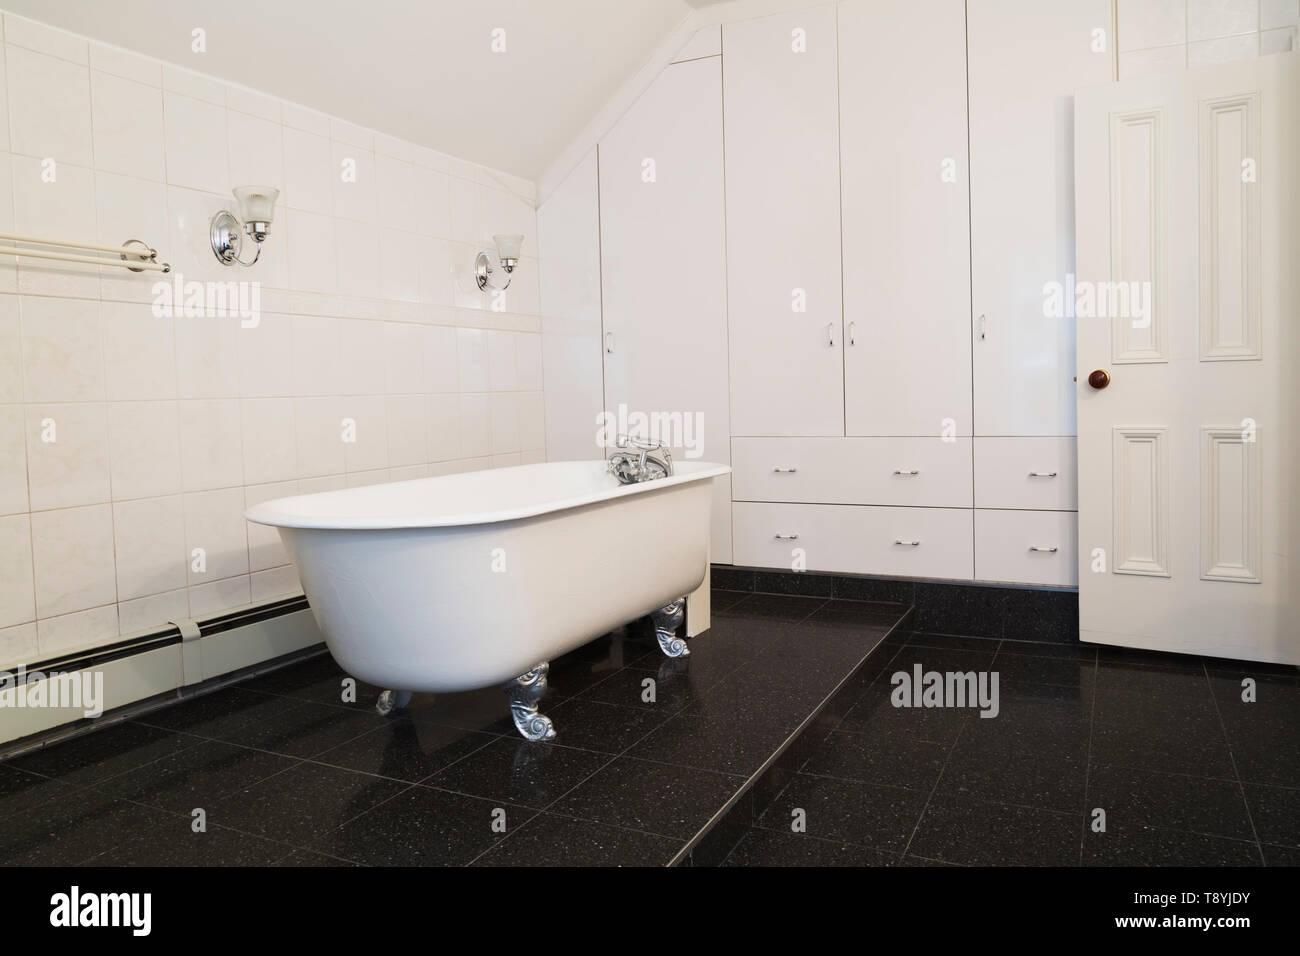 Lavandino Bagno Con Piede vasche da bagno artiglio piedi immagini & vasche da bagno